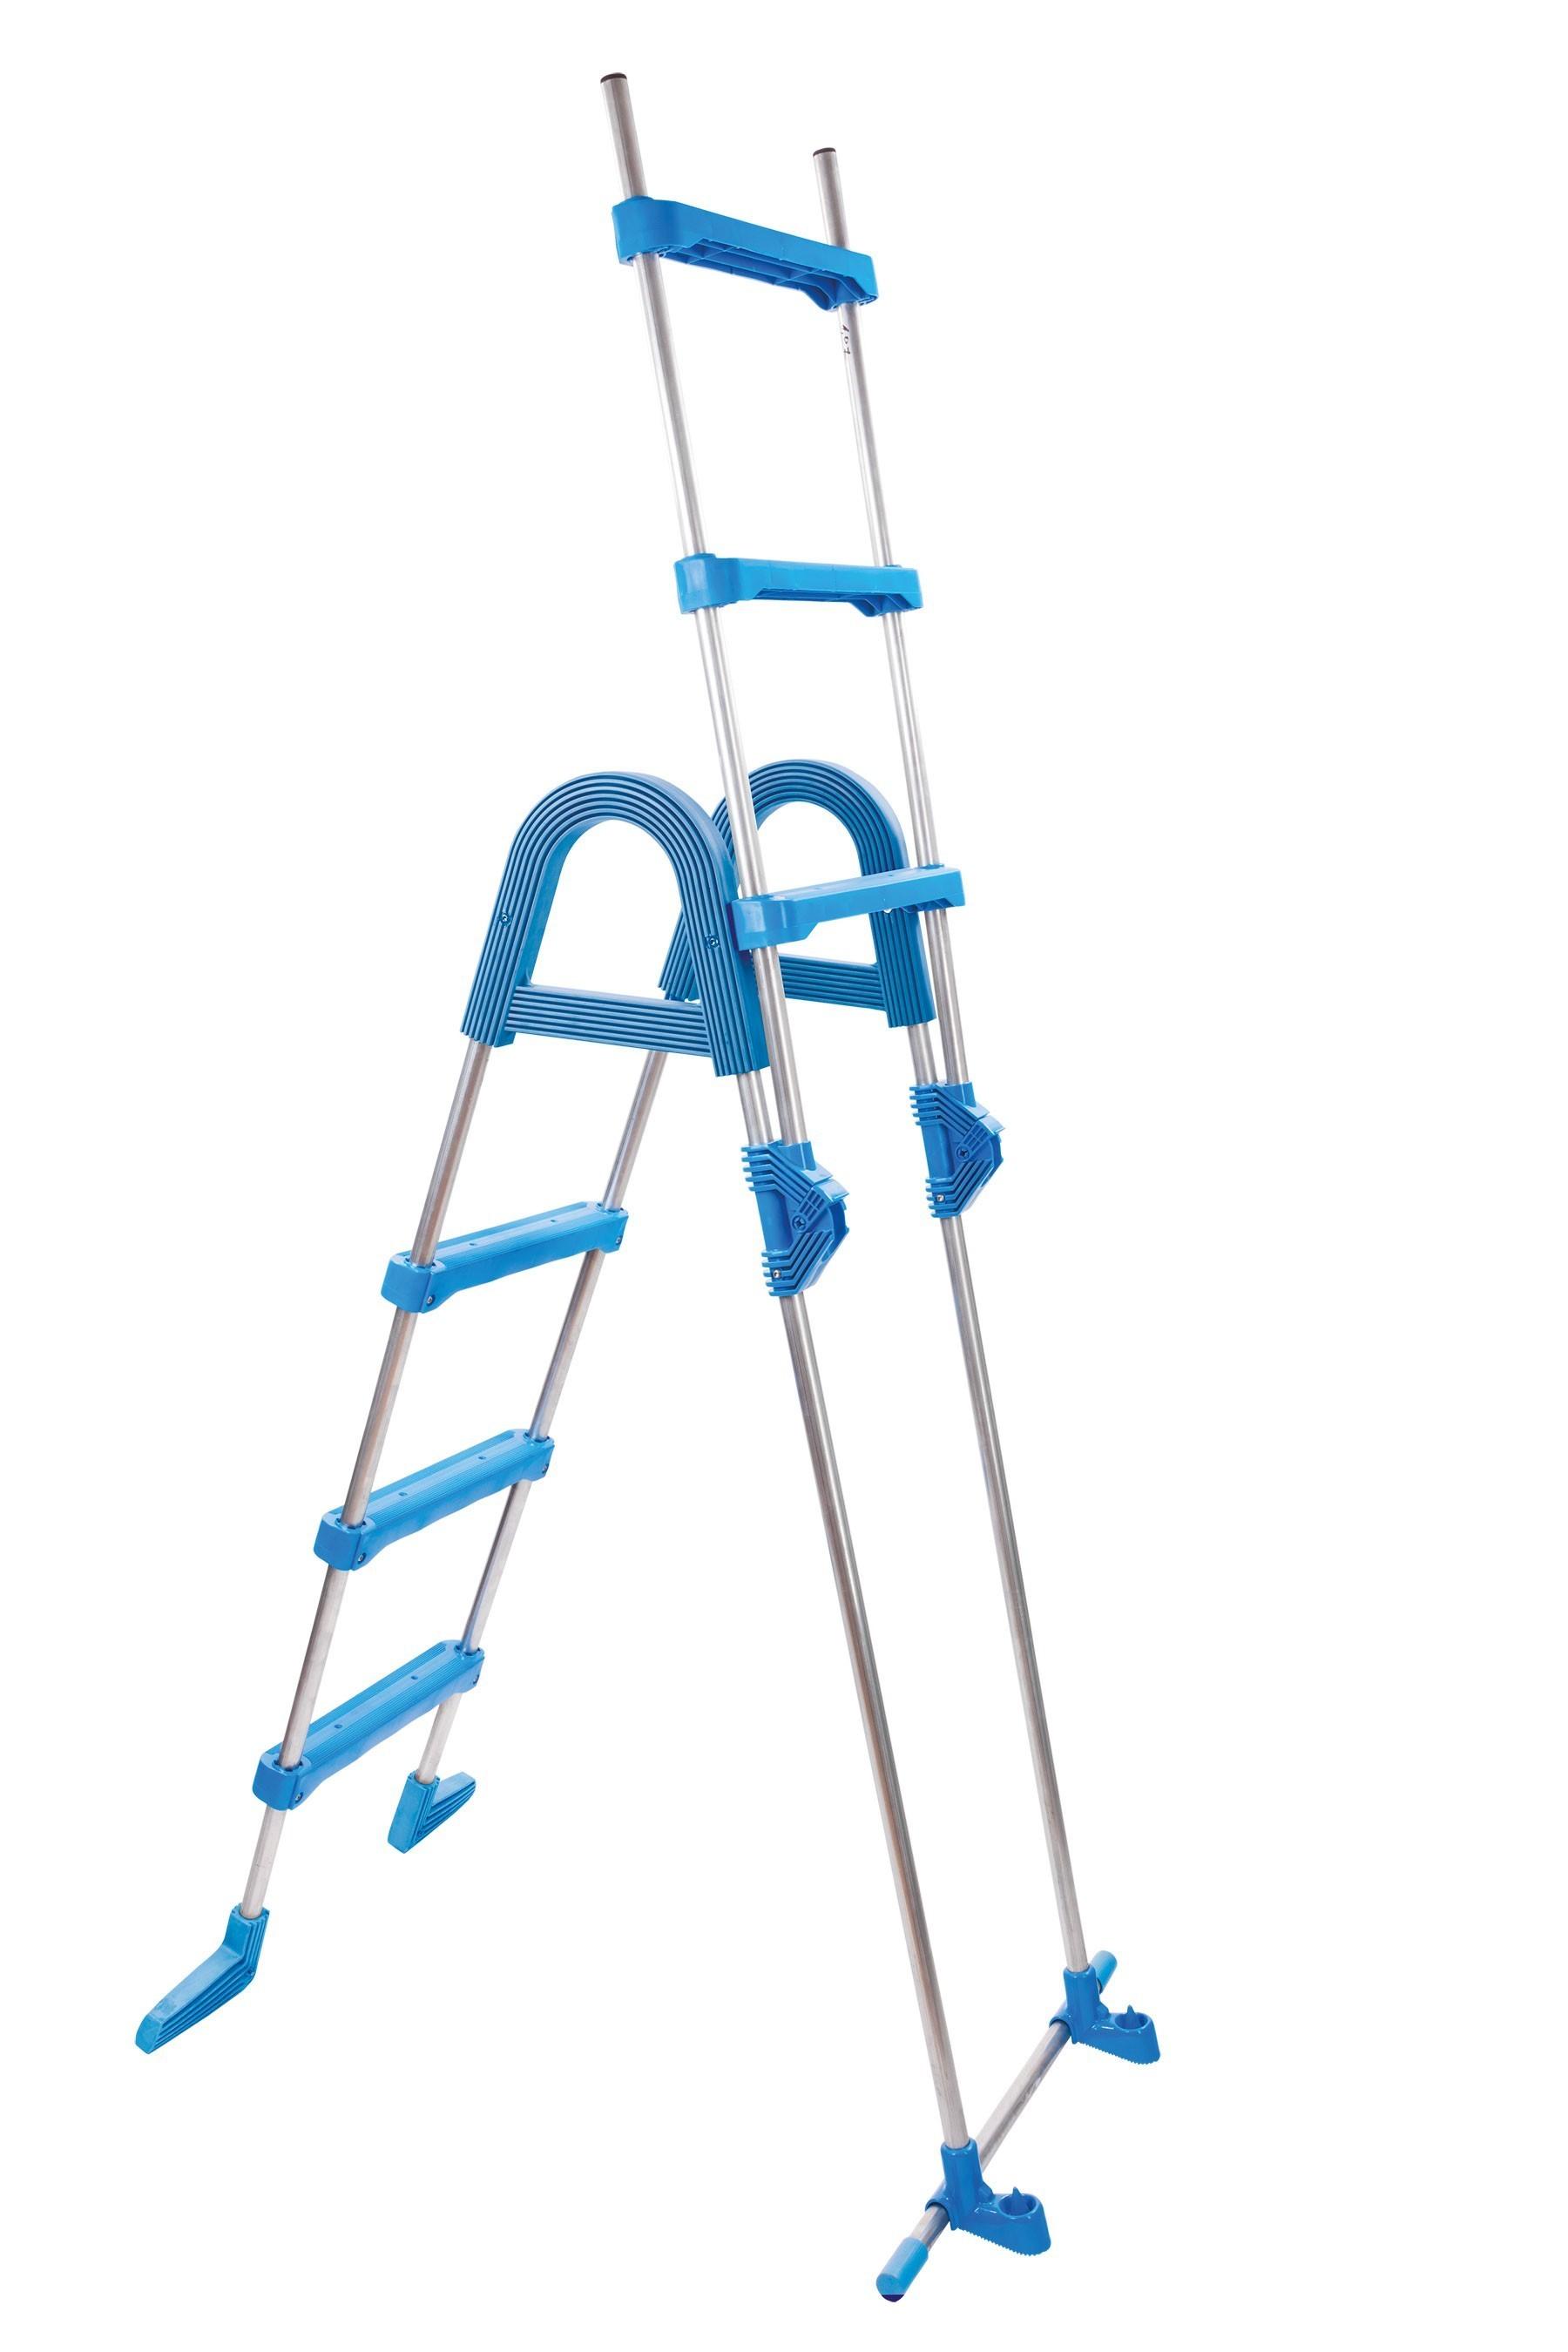 myPool Poolleiter / Sicherheitsleiter Edelstahl 0,90m 2x3 Stufen Bild 2